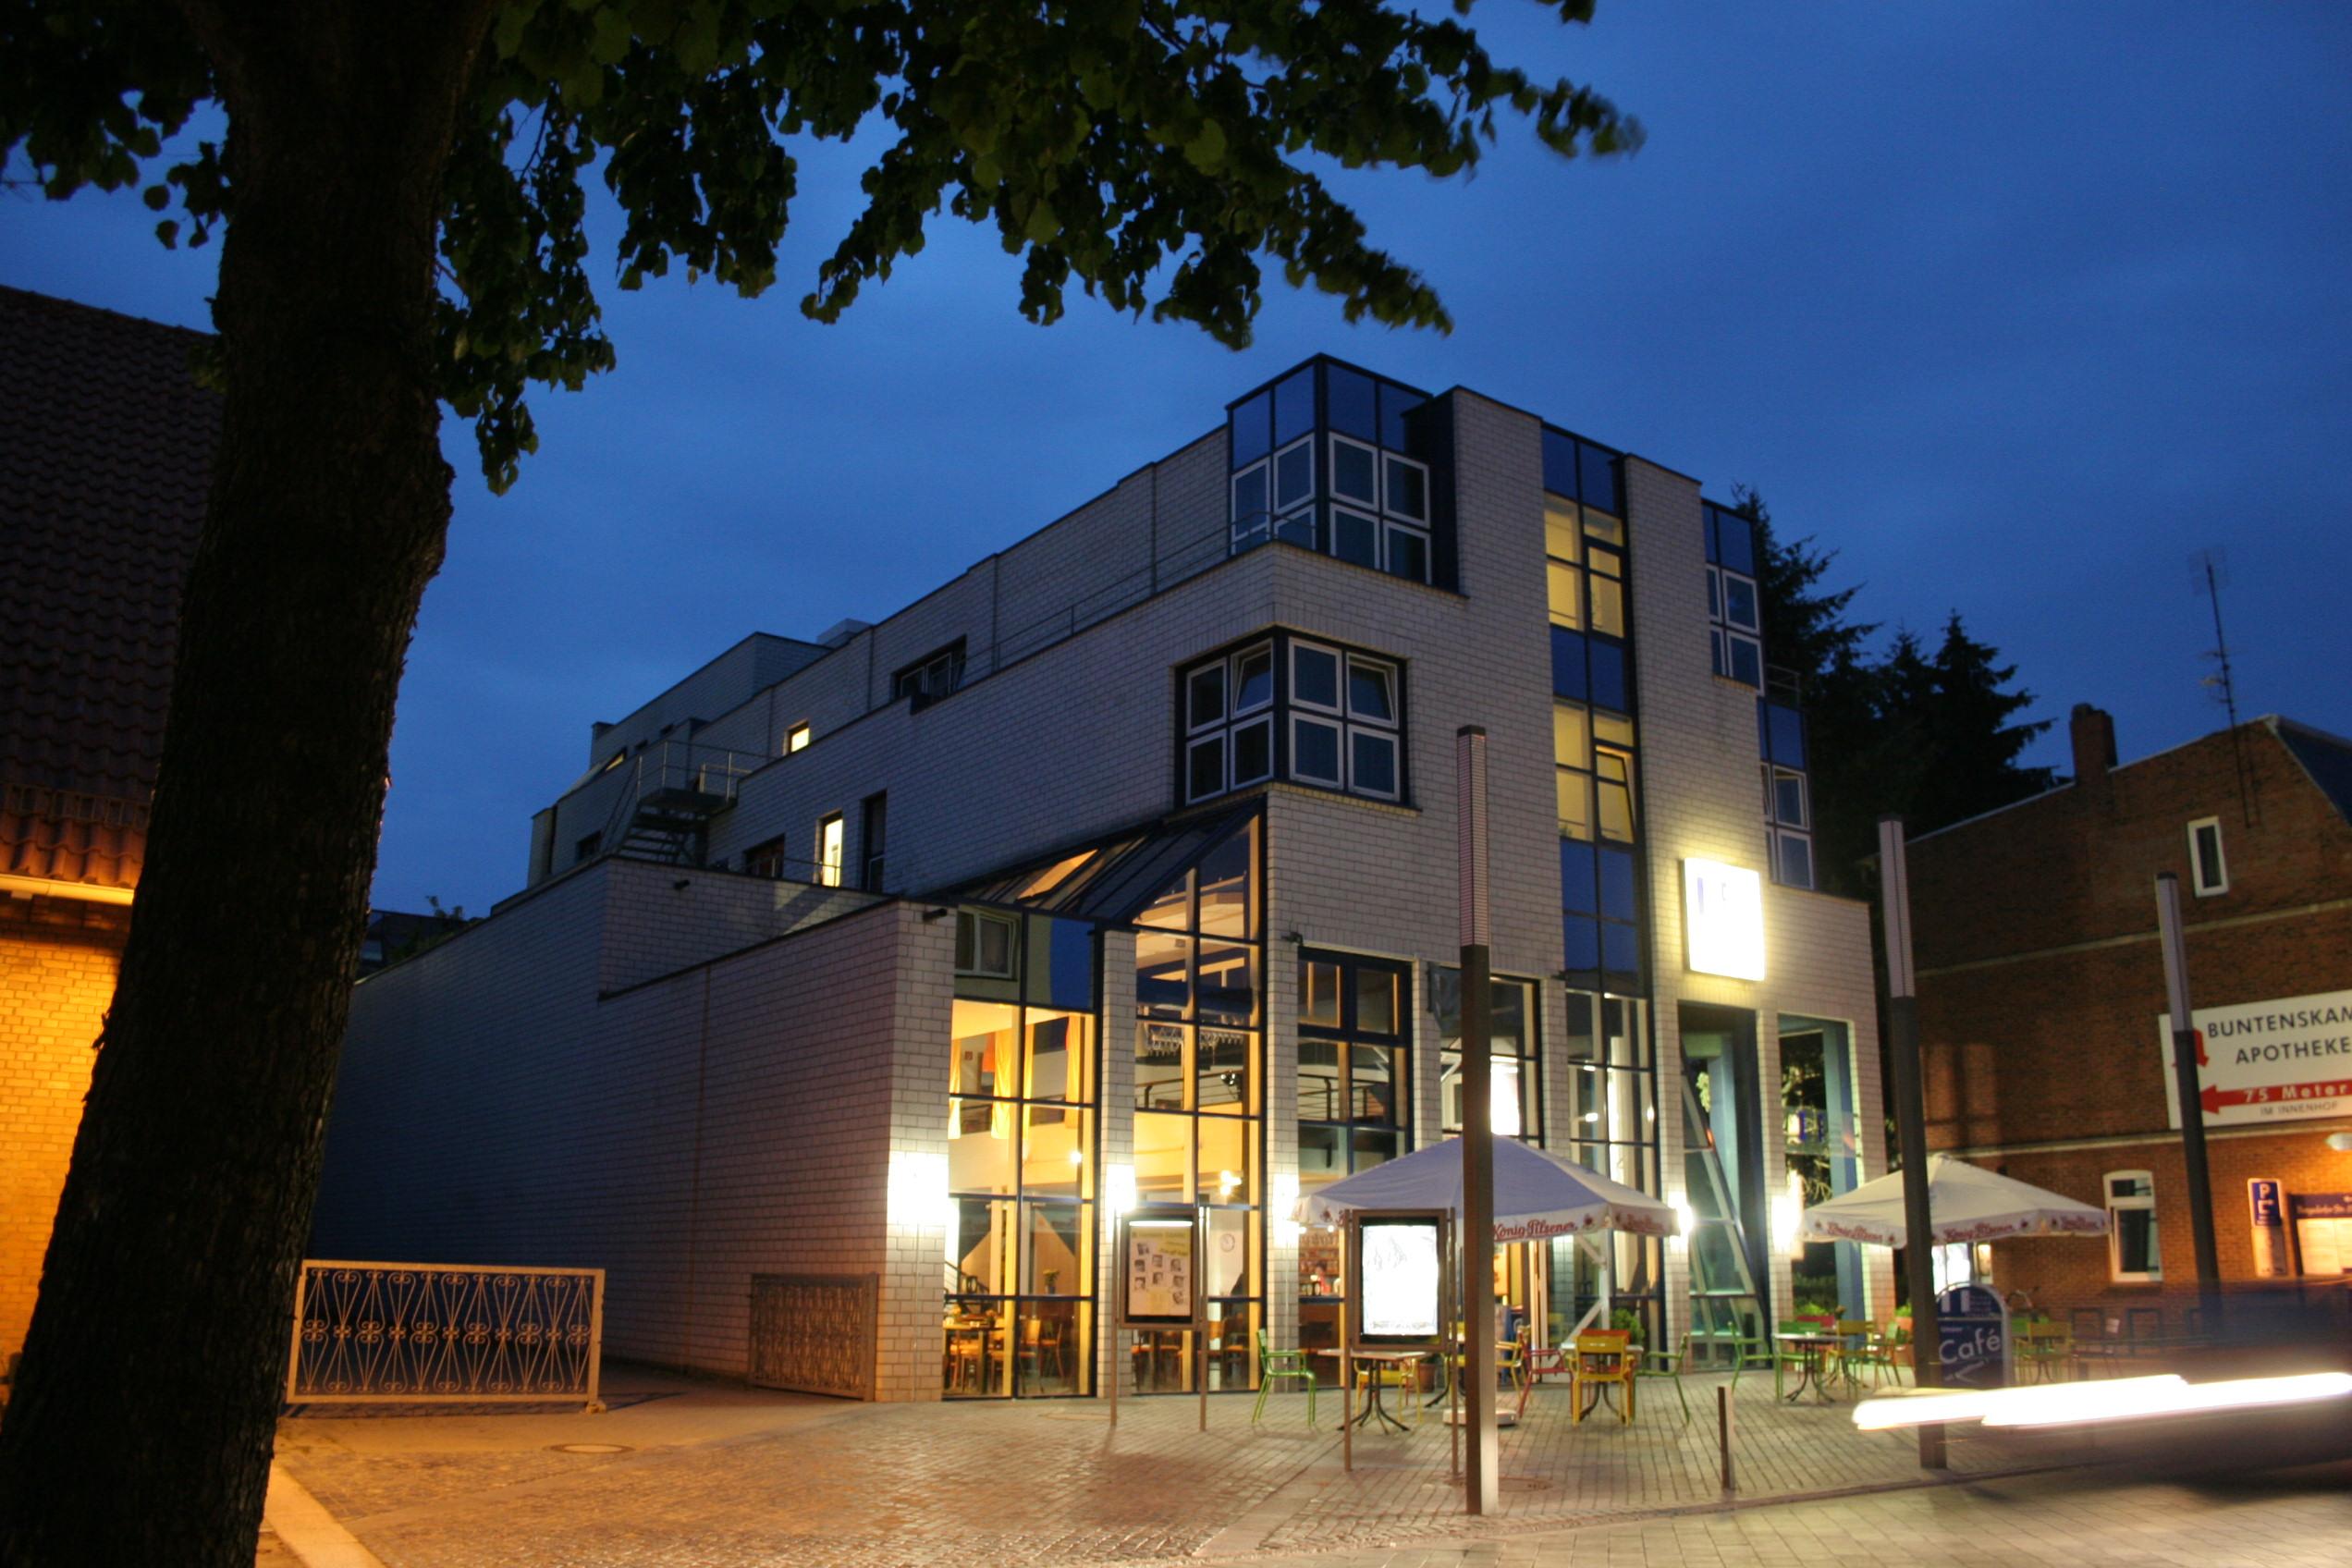 Kleines Theater Schillerstraße